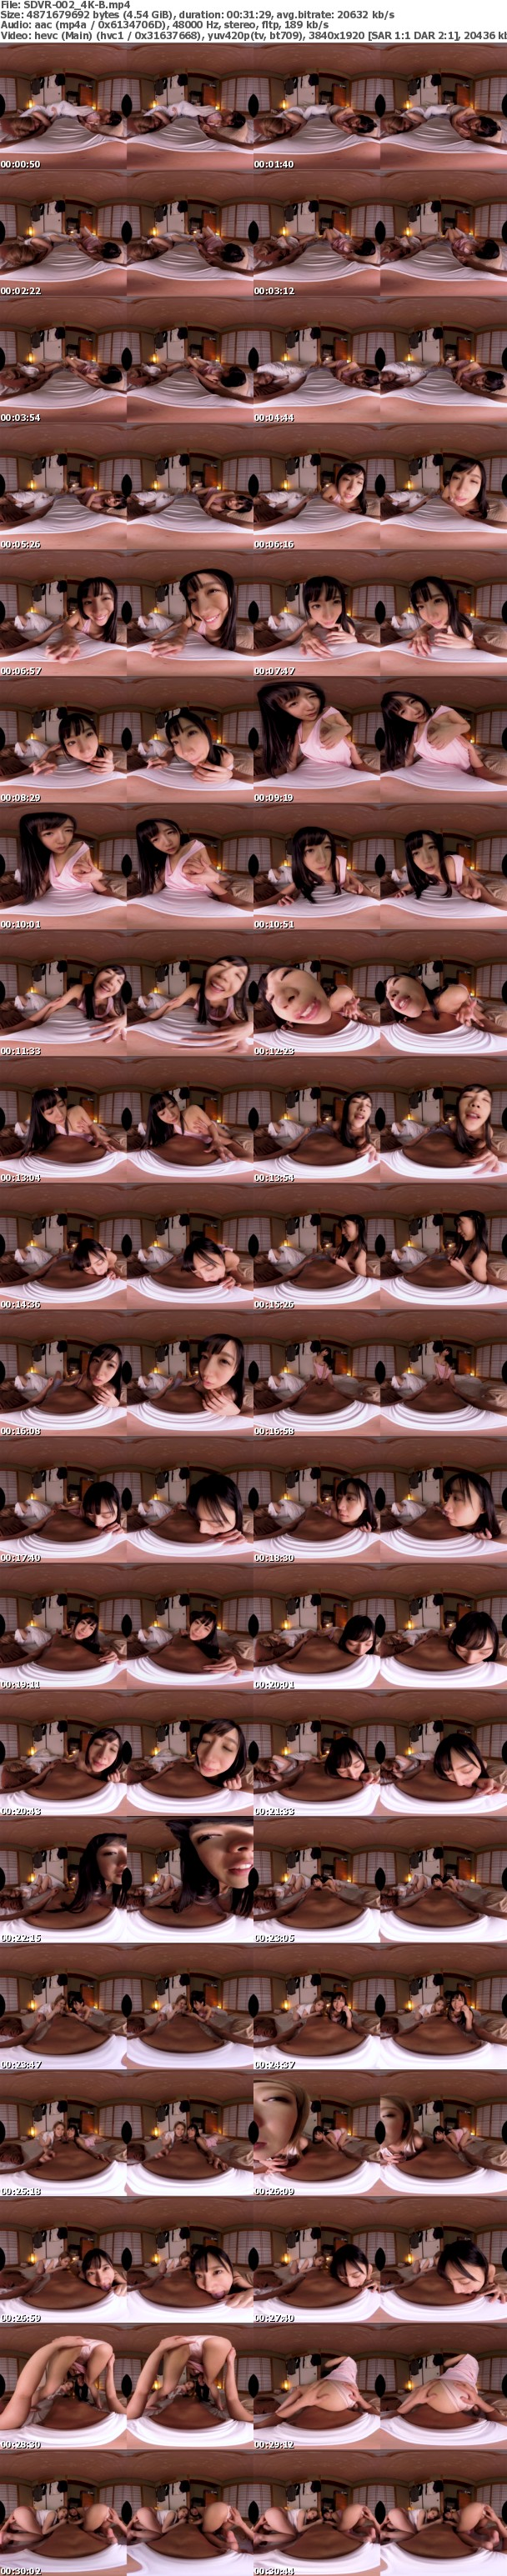 (VR) (4K) SDVR-002 超どストライクすぎる女友達2人と宅飲みから川の字で寝ることに!?酔いも覚めやらぬまま3人で寝ていると両サイドにエロ美しすぎる寝相が!ボクは眠れず興奮していると目を覚ましたエッチな二人と…夢の密着ハーレム3P連続中出しSEX!